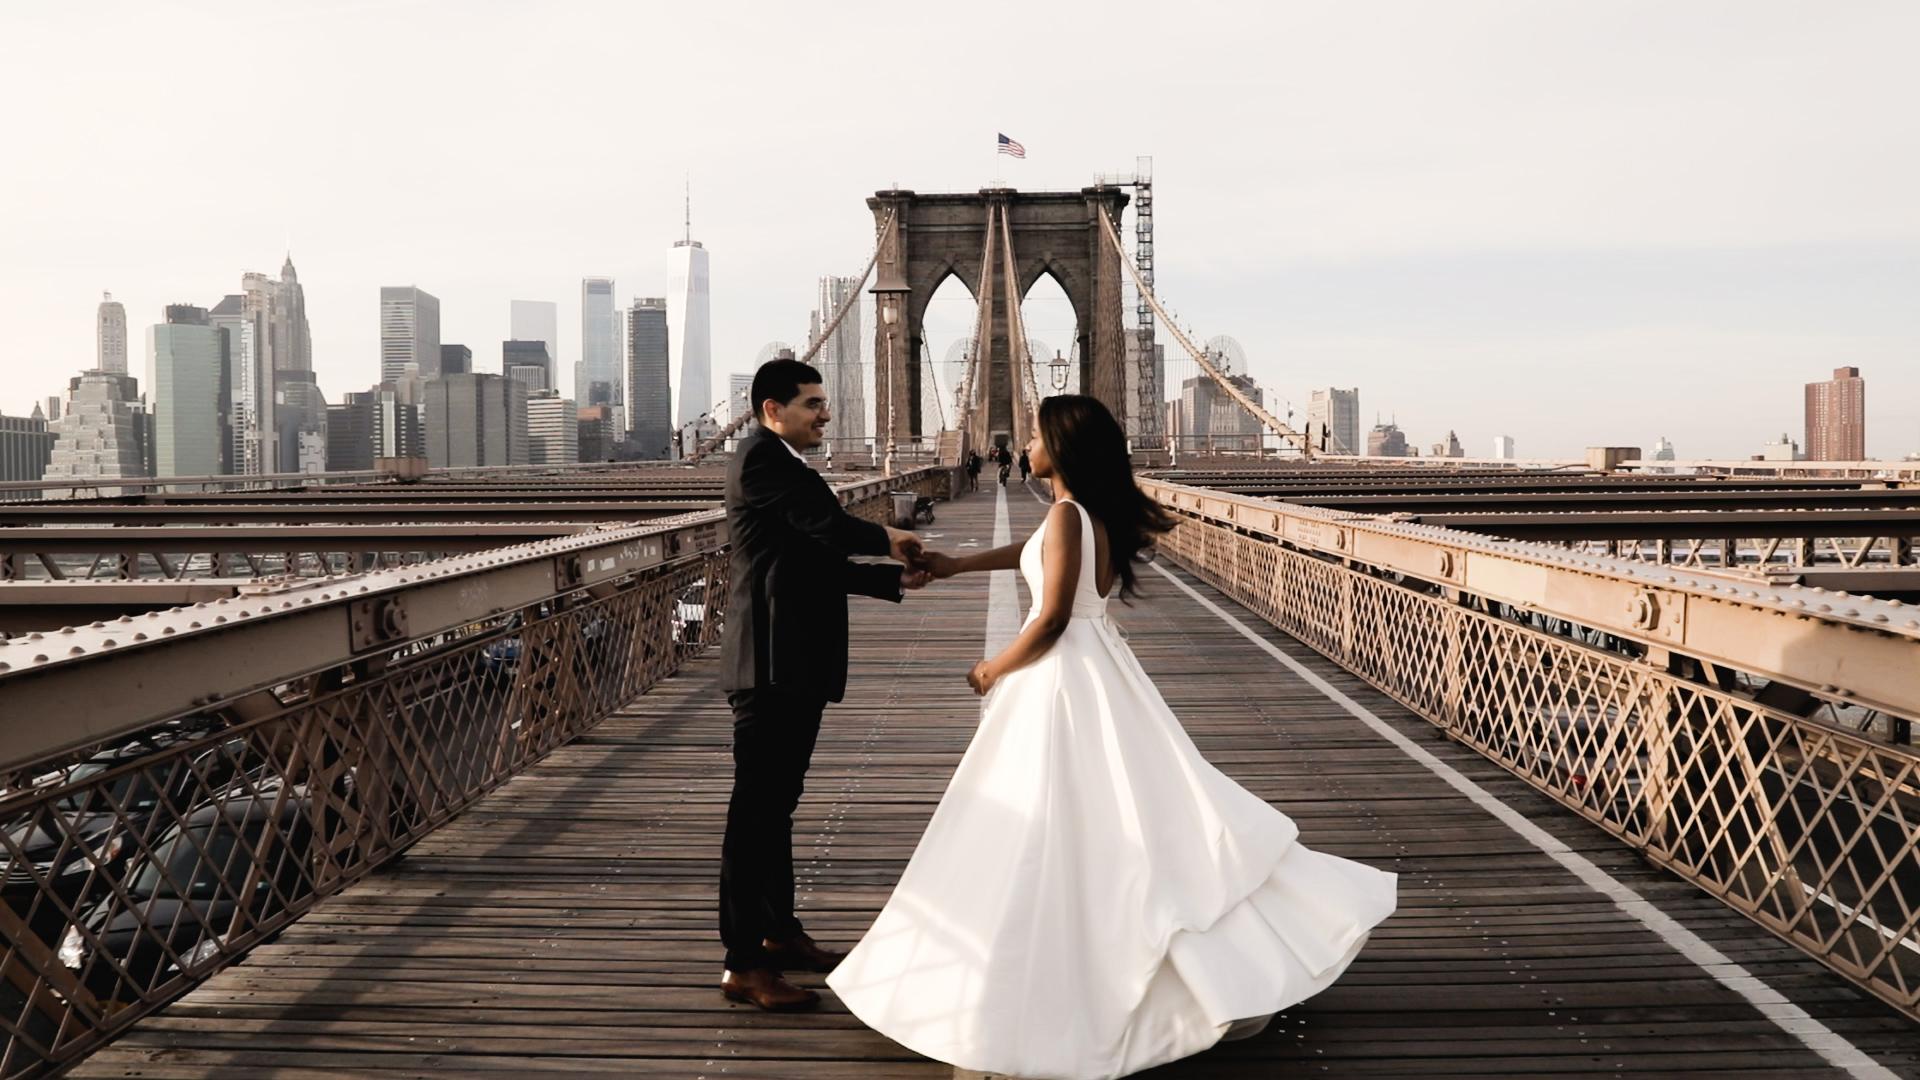 Sharrone + Damian | Brooklyn, New York | St. Ann's Warehouse